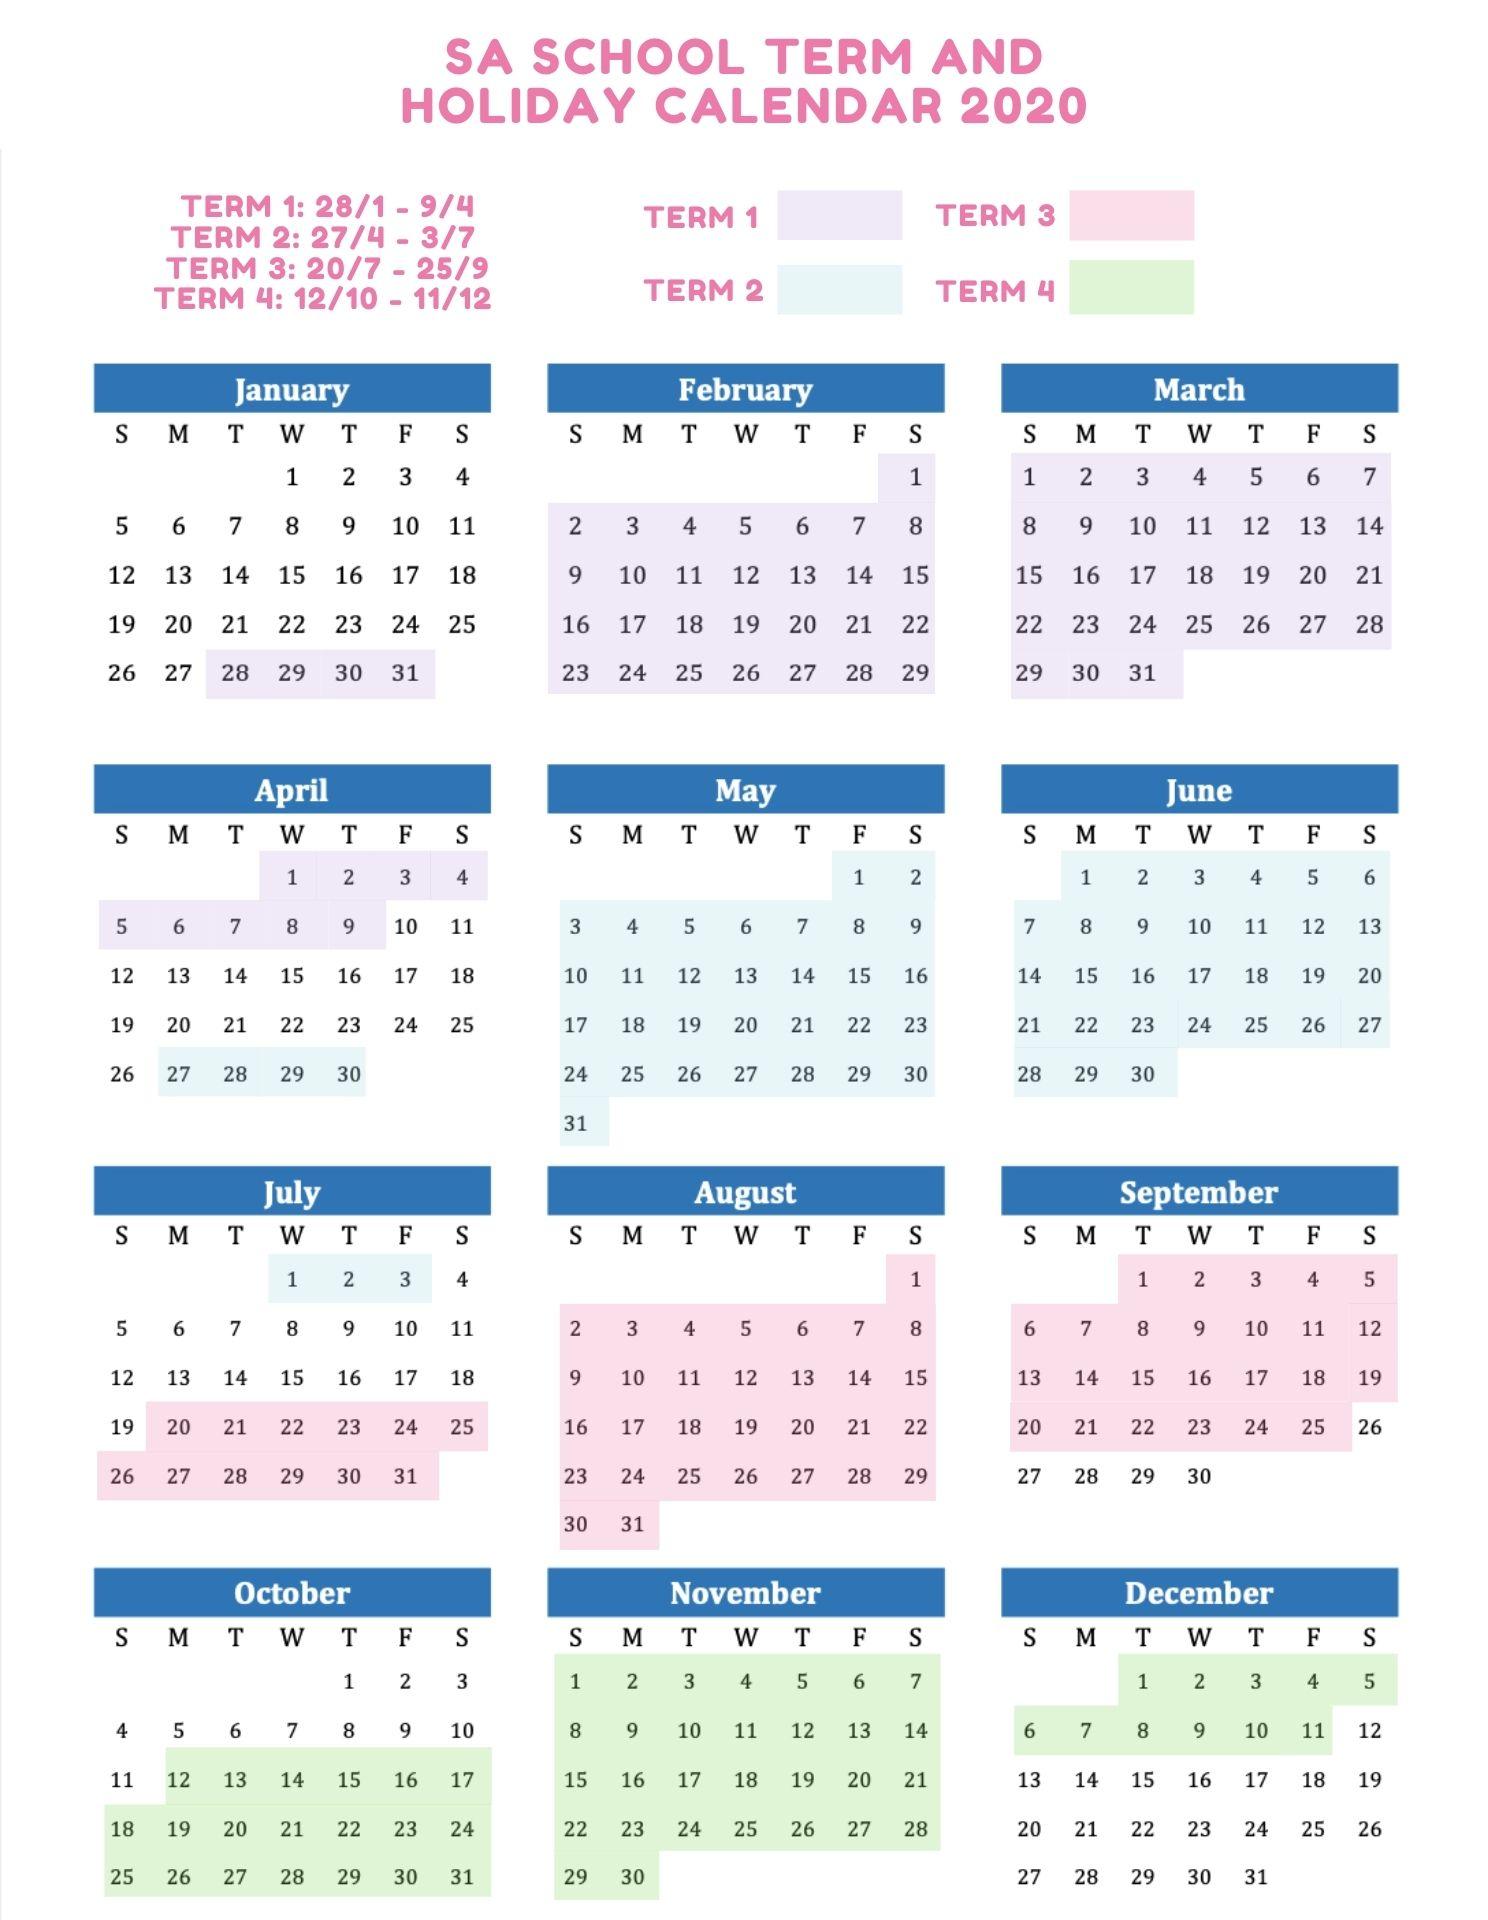 SA School Holidays 2020